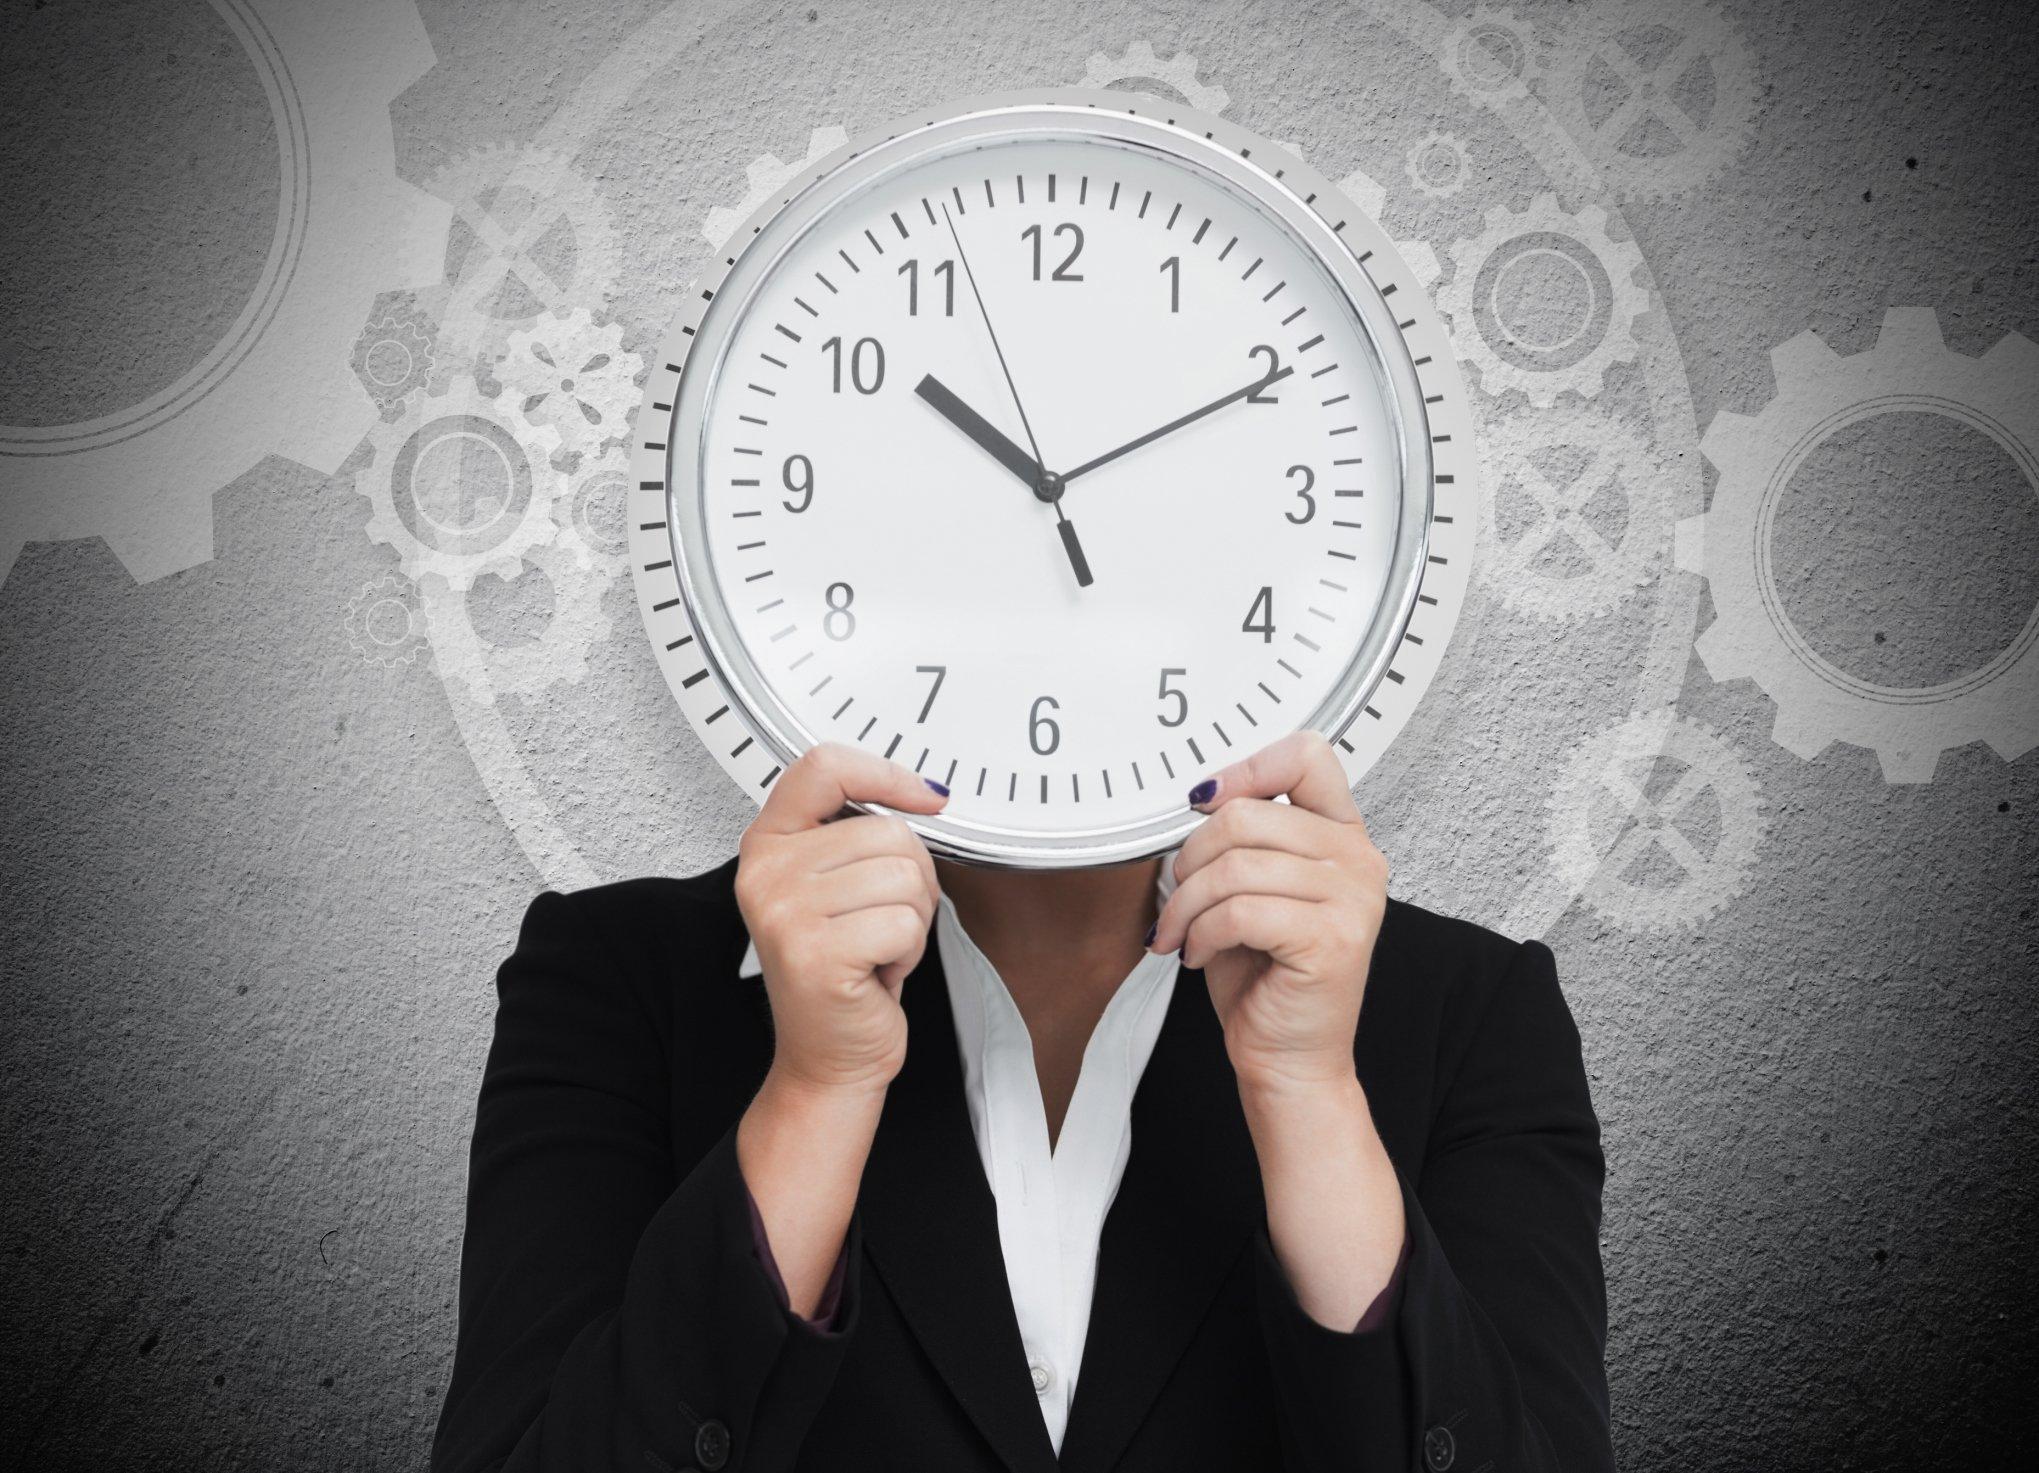 Режим рабочего времени по Трудовому кодексу: понятие, виды, что включается (2019 год)